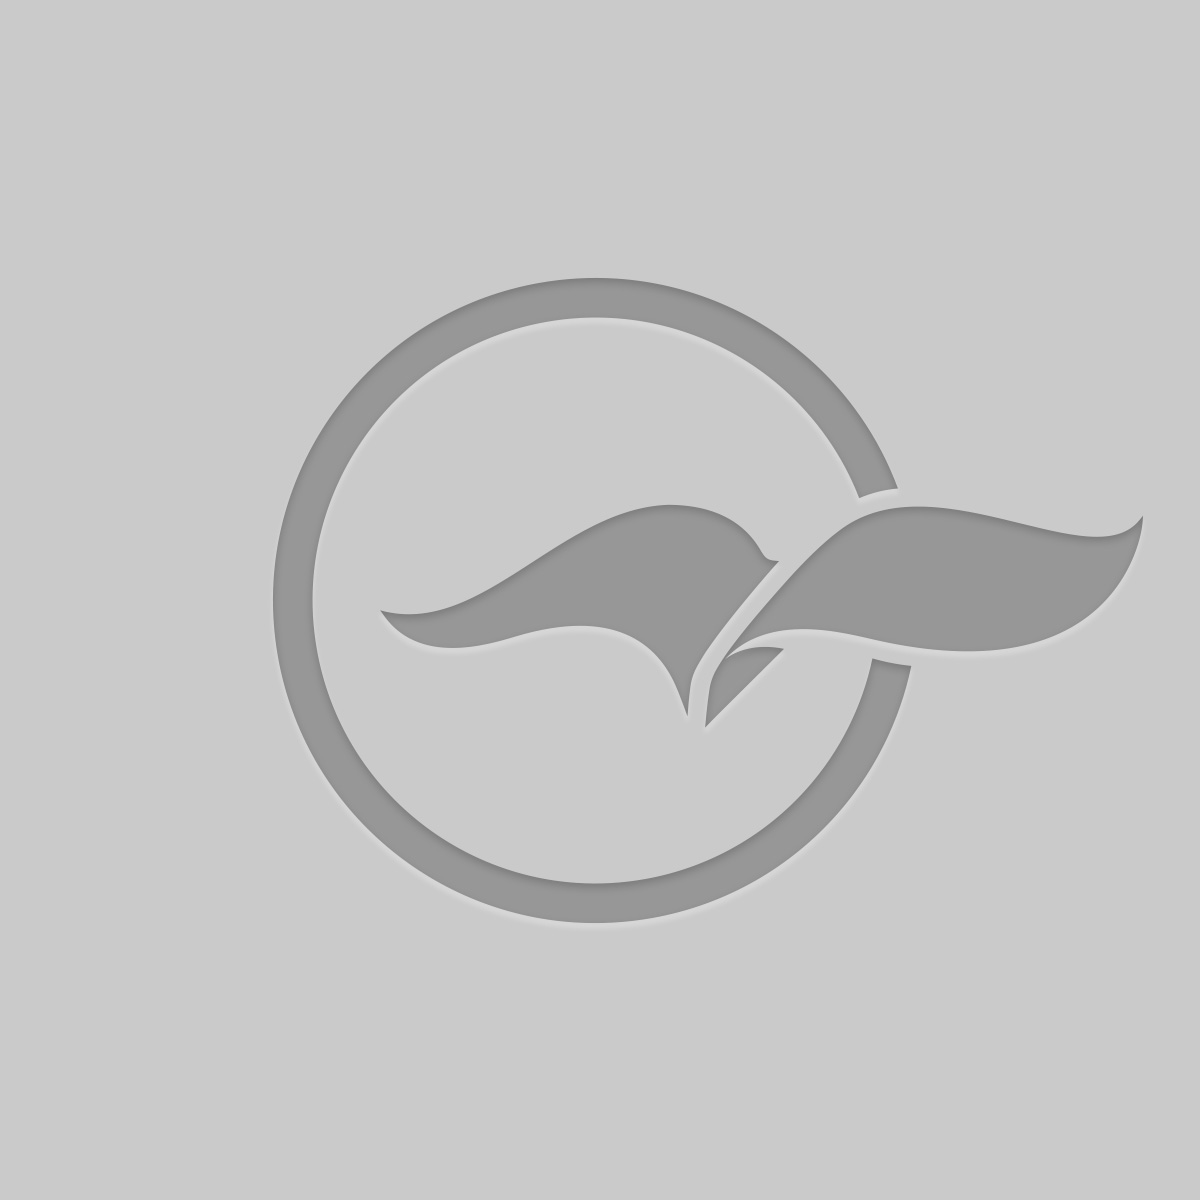 മനുഷ്യക്കടത്ത് തടയാൻ എൻ.െഎ.എക്ക് കീഴിൽ പുതിയ യൂണിറ്റ്